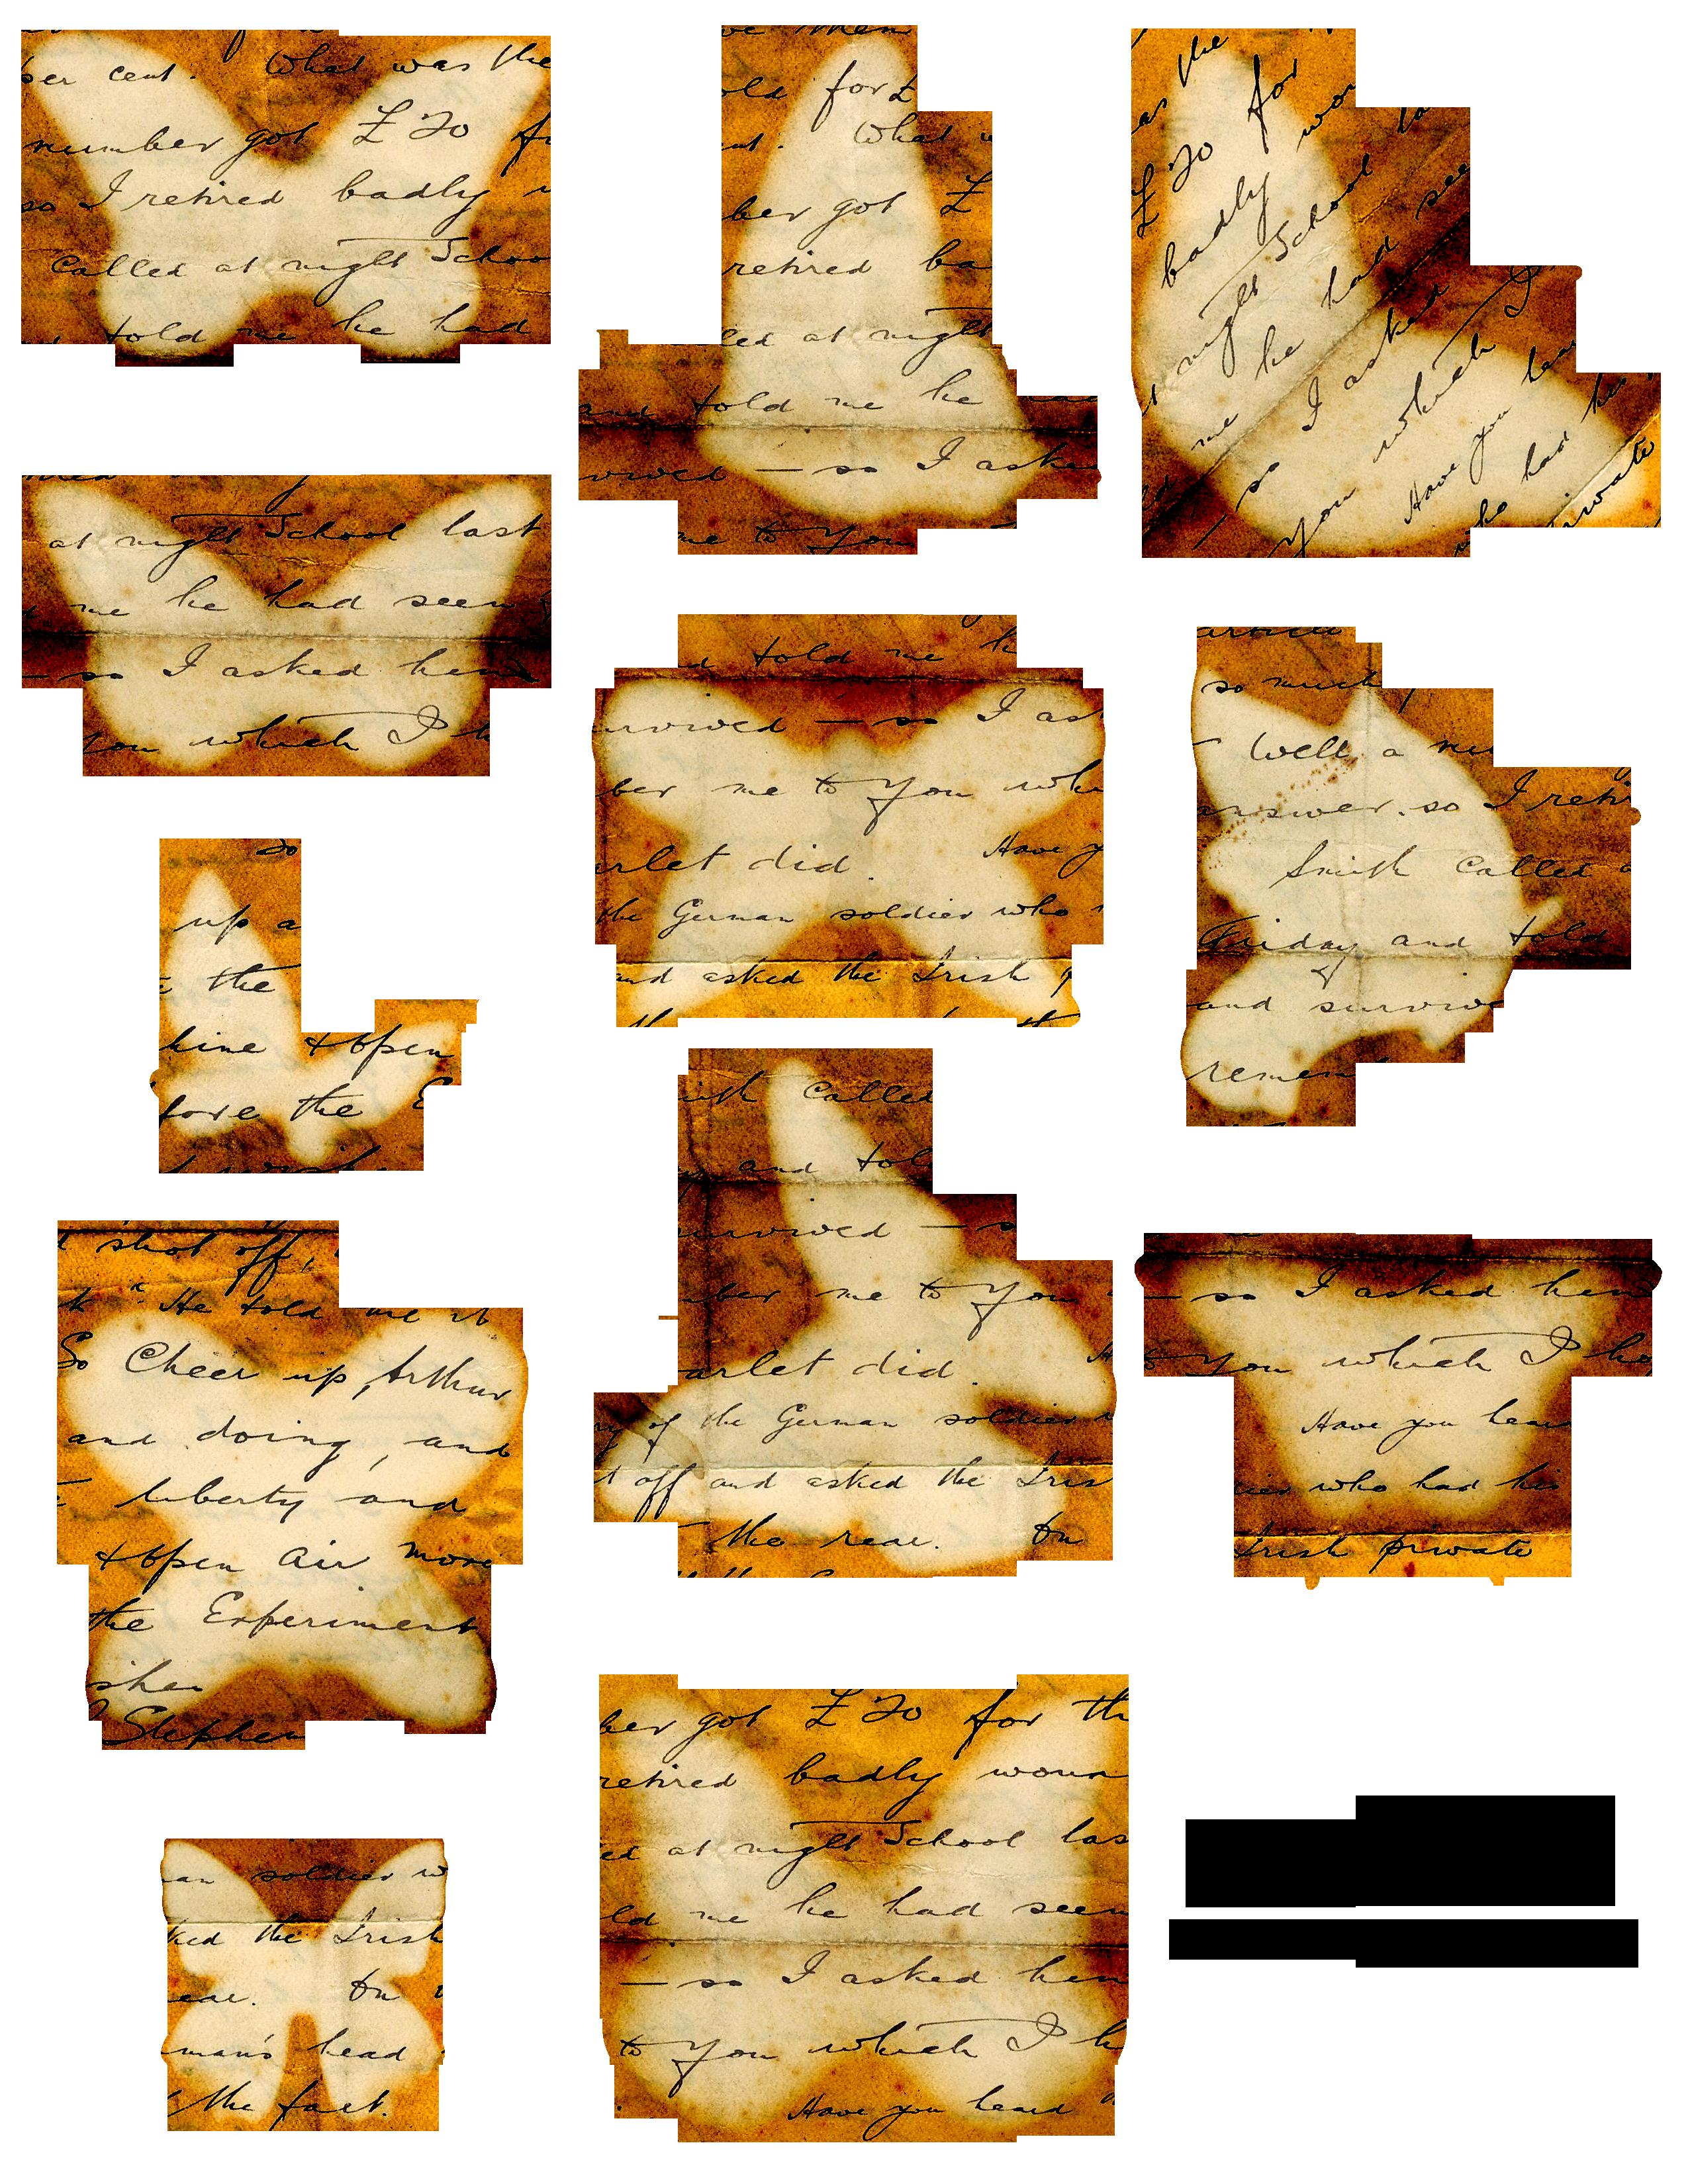 Бабочки для декора своими руками : из бумаги, объемные, трафареты 67